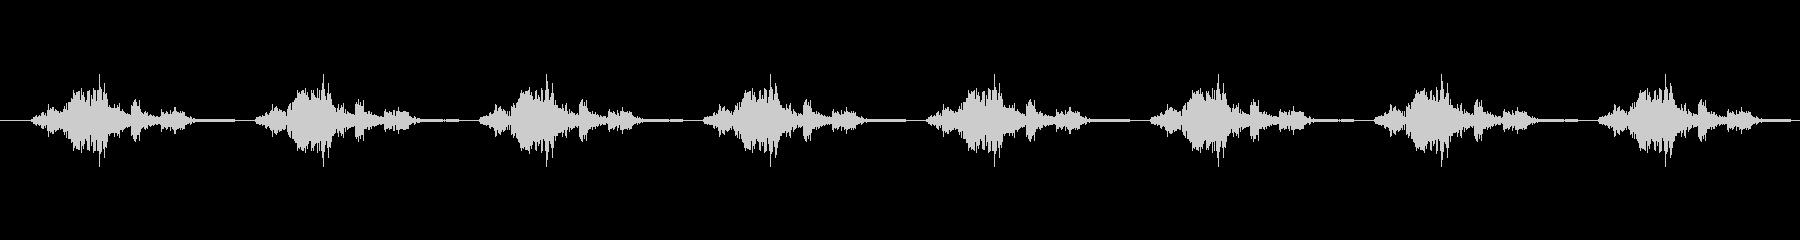 人工システムの吸引、鼓動音(ループ可)の未再生の波形